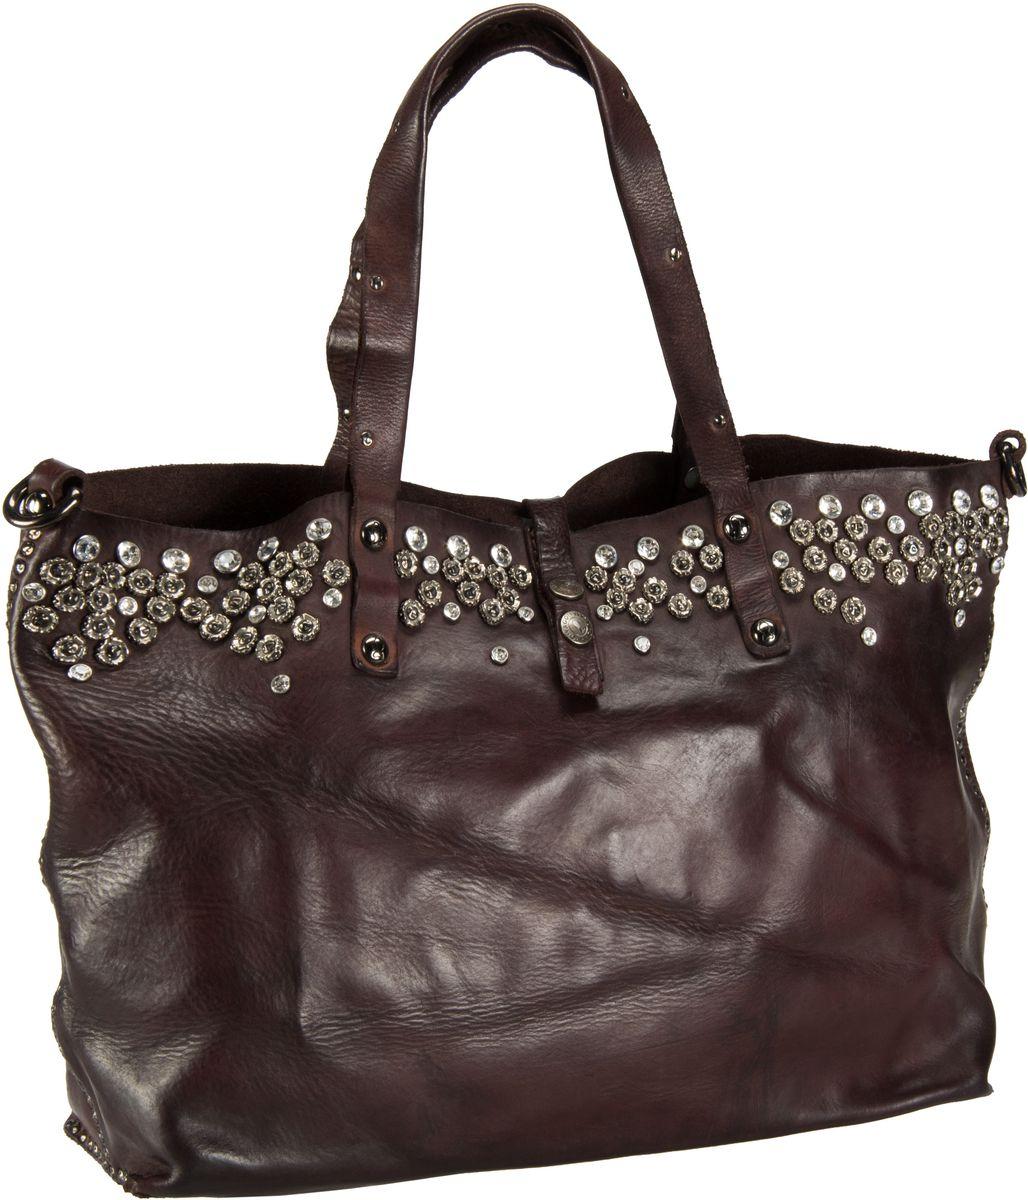 liebeskind handtasche damen